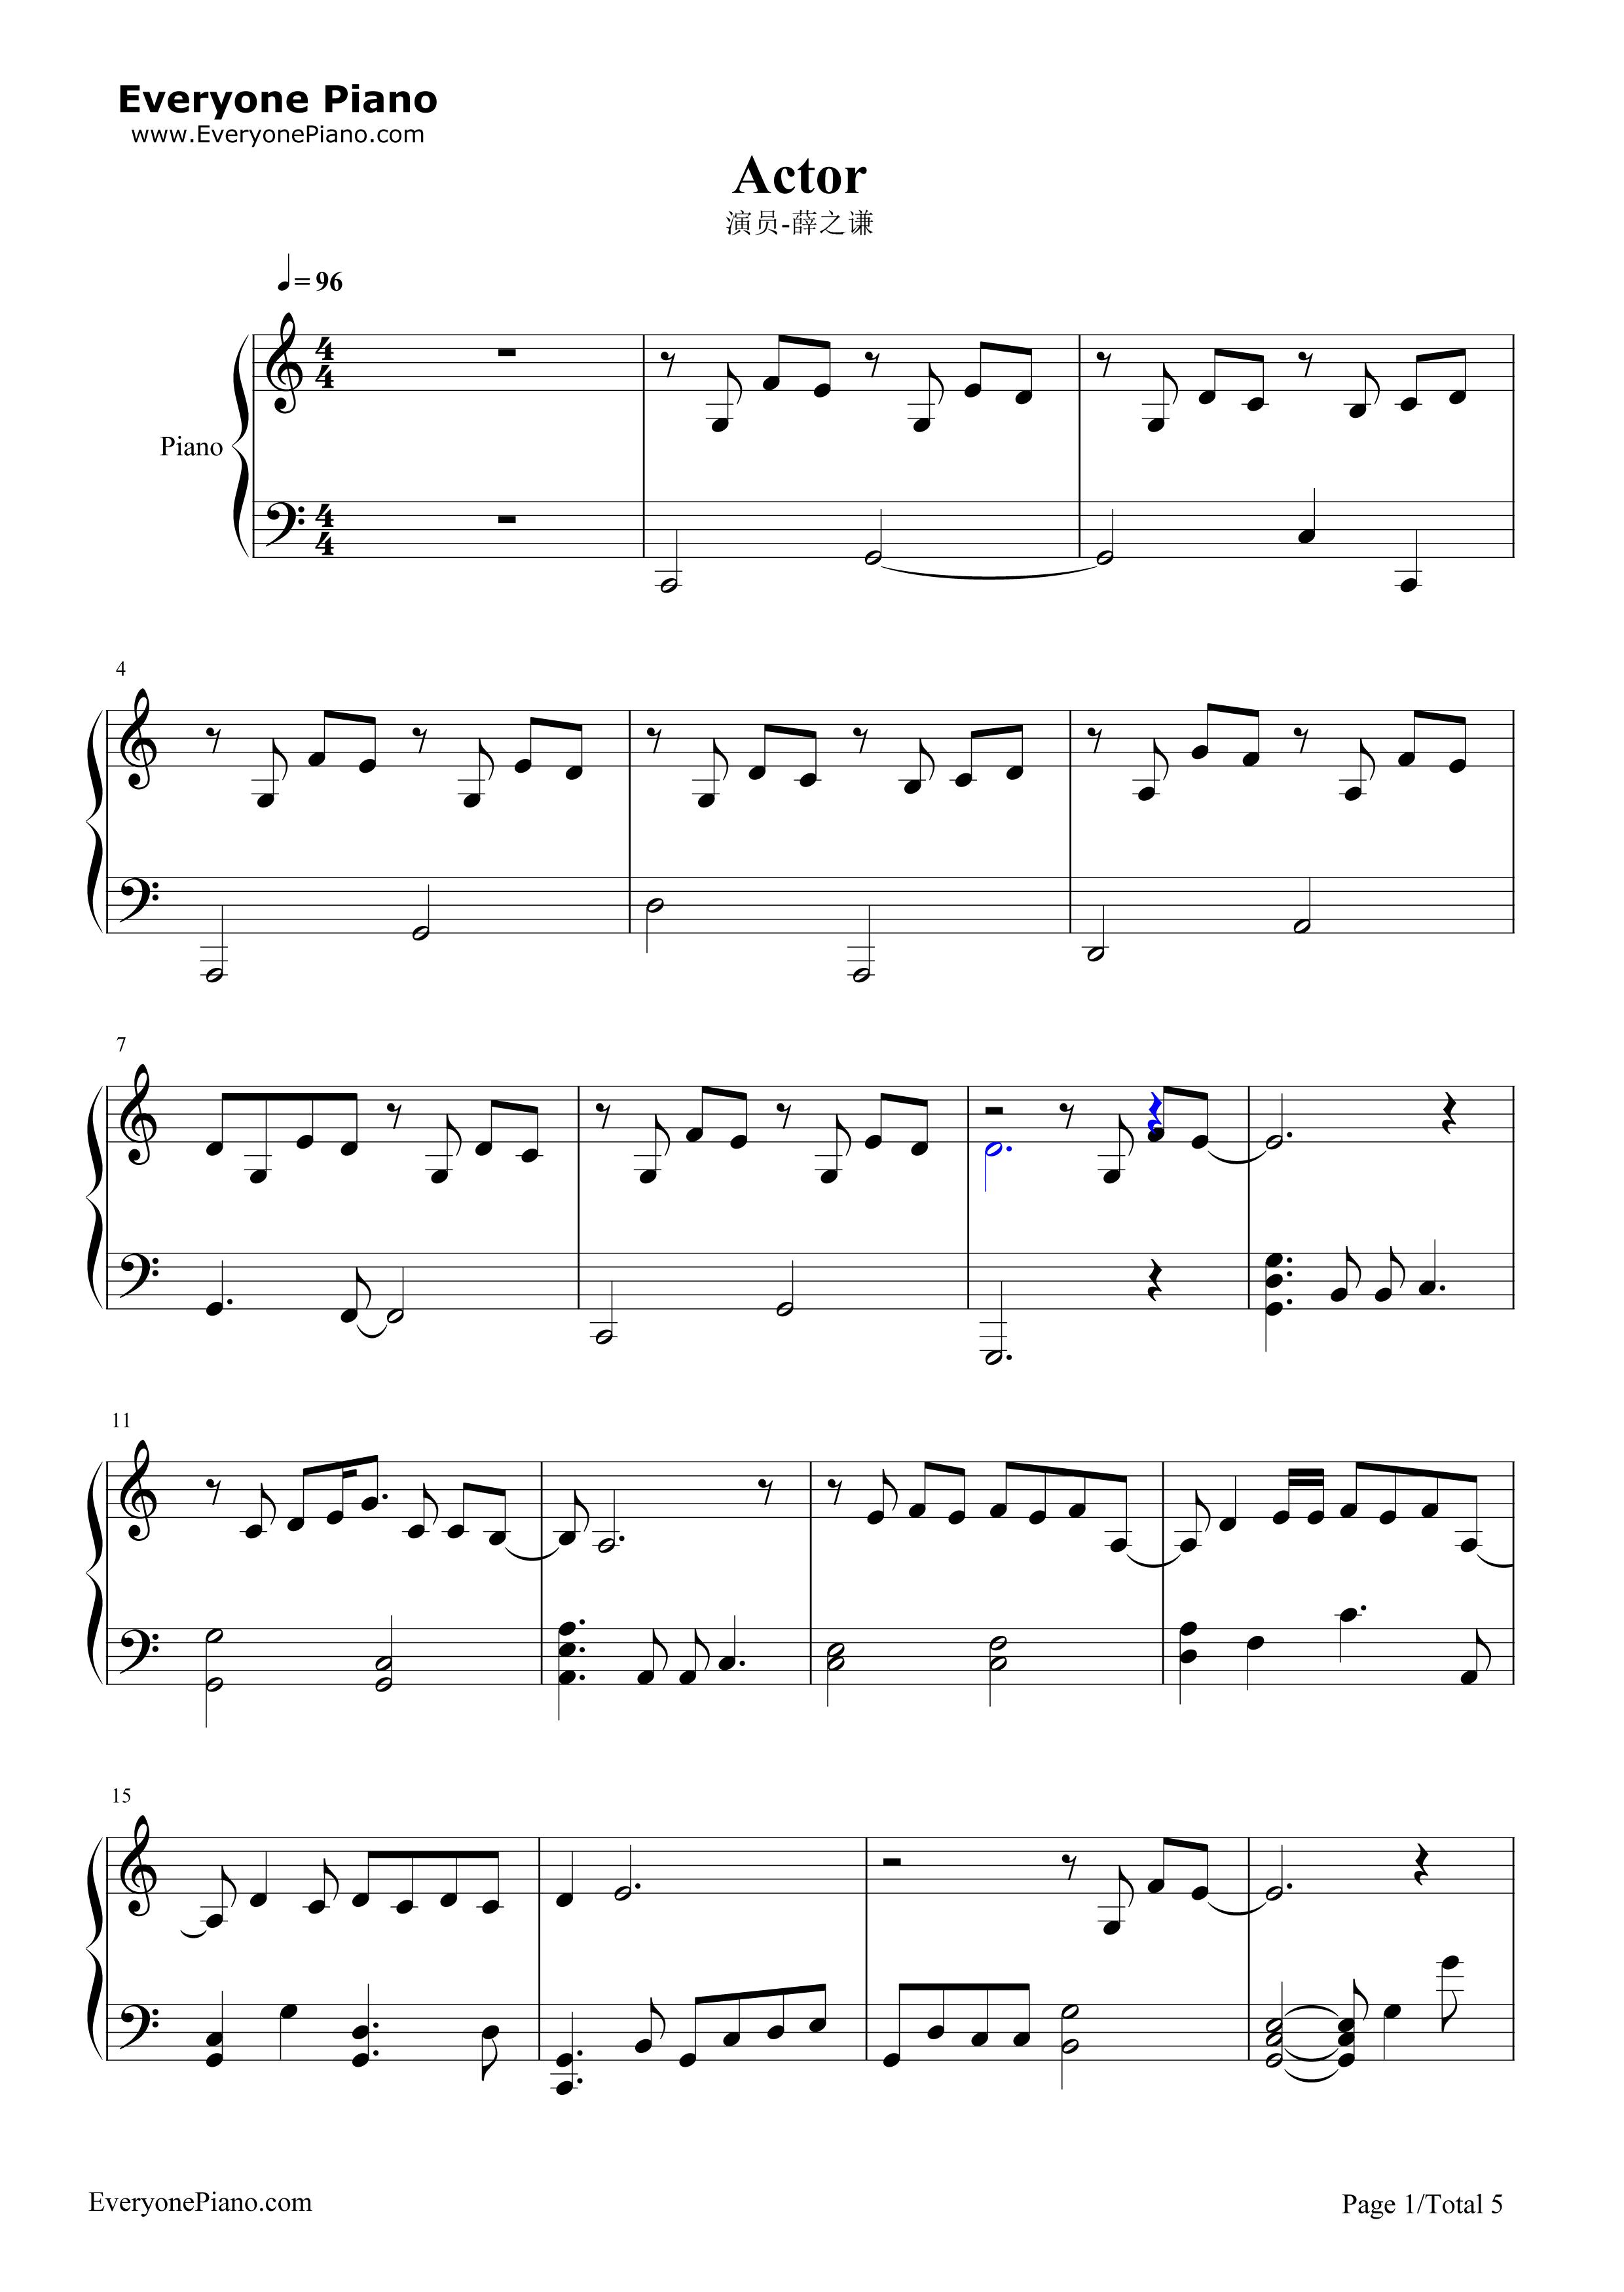 演员-薛之谦五线谱预览1-钢琴谱档(五线谱,双手简谱